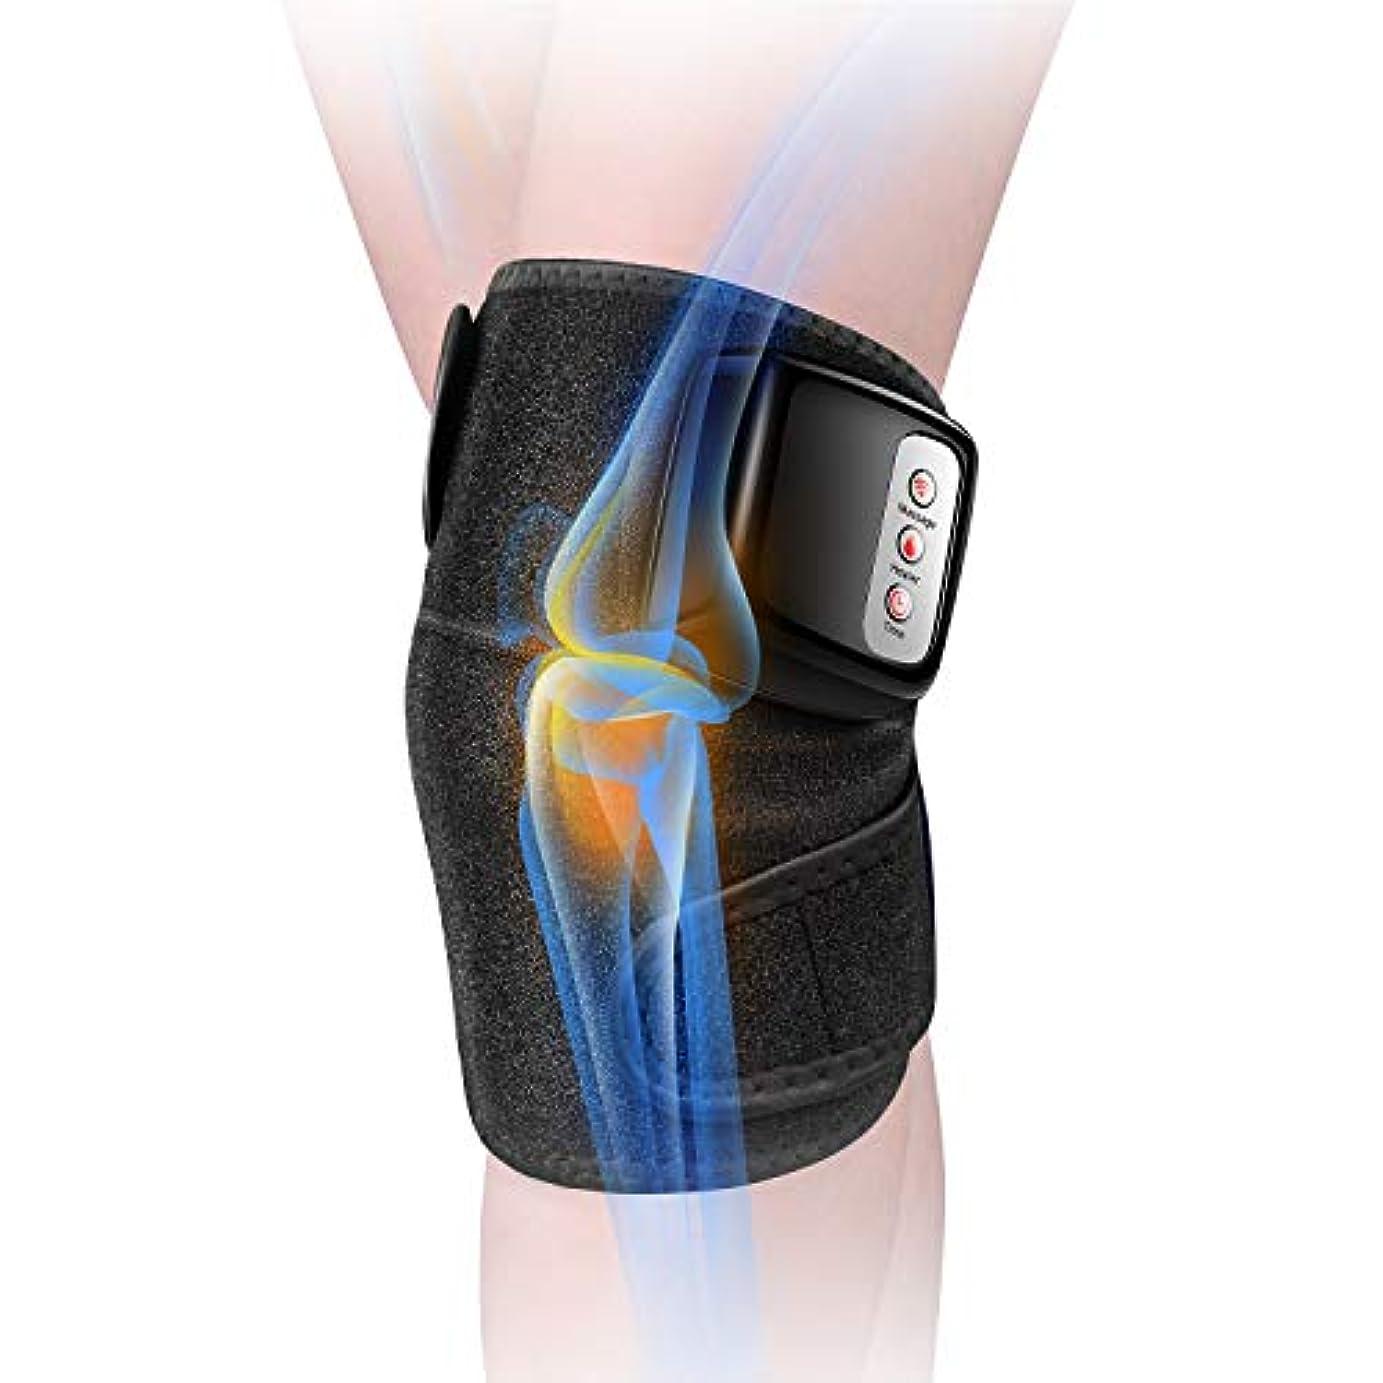 定規ジョージスティーブンソン治世膝マッサージャー 関節マッサージャー マッサージ器 フットマッサージャー 振動 赤外線療法 温熱療法 膝サポーター ストレス解消 肩 太もも/腕対応